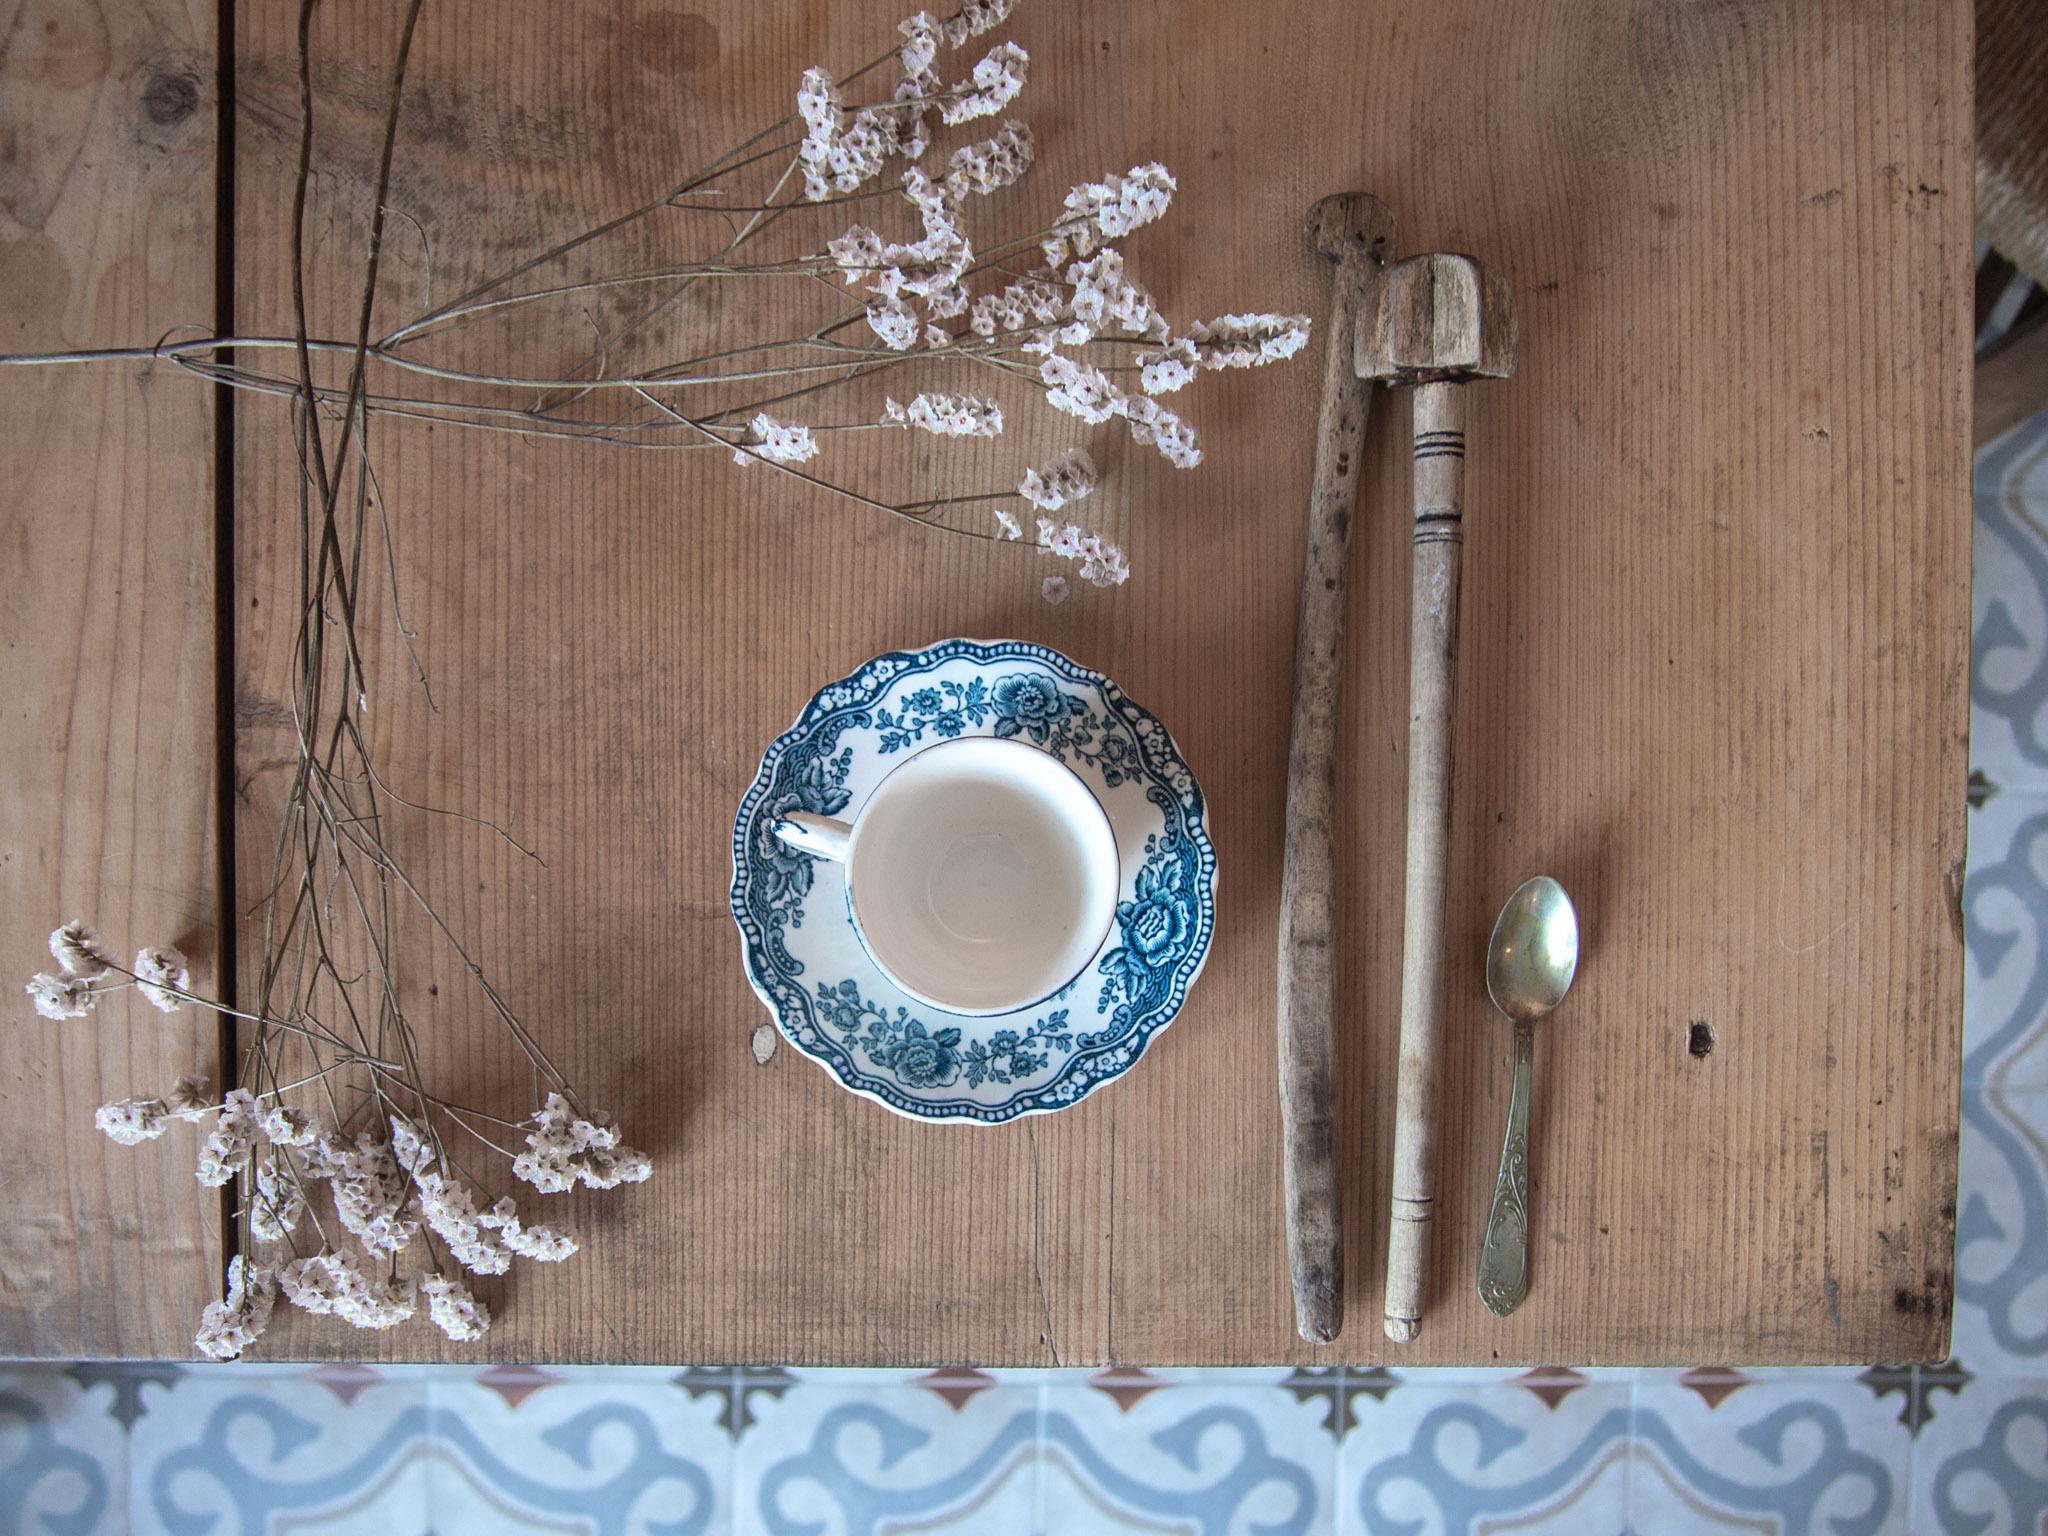 Le Molina Bed and Breakfast, Massa e Cozzile (Toscana)